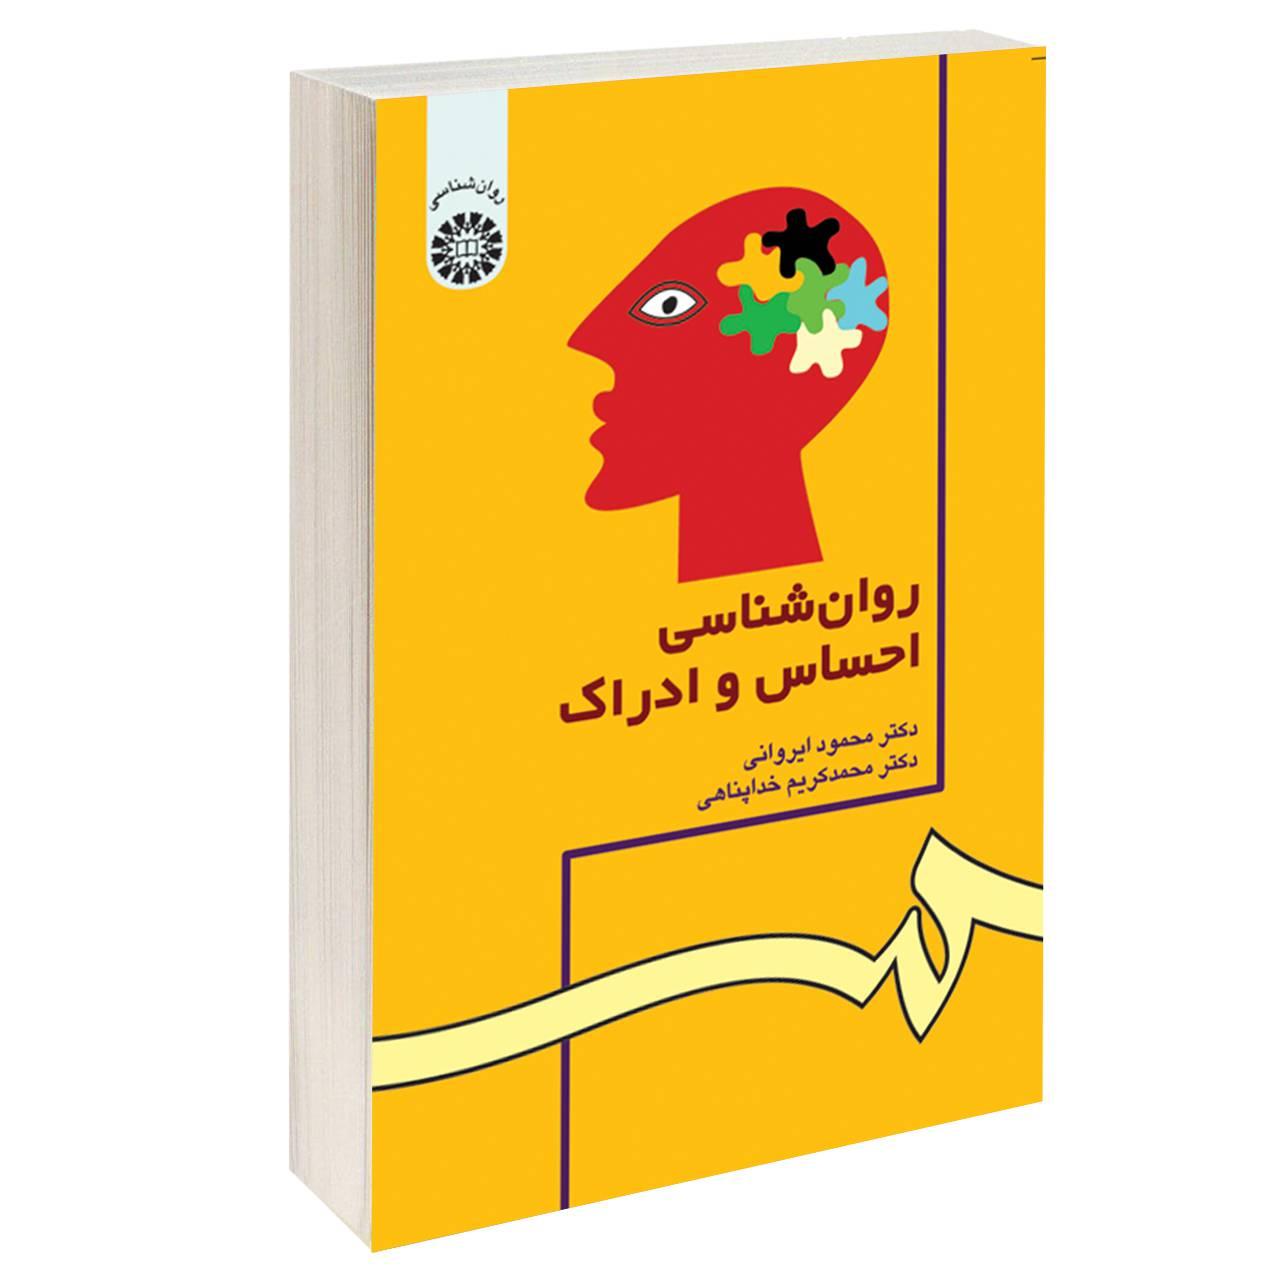 خرید                      کتاب روان شناسی احساس و ادراک اثر دکتر محمود ایروانی و دکتر محمد کریم خداپناهی نشر سمت